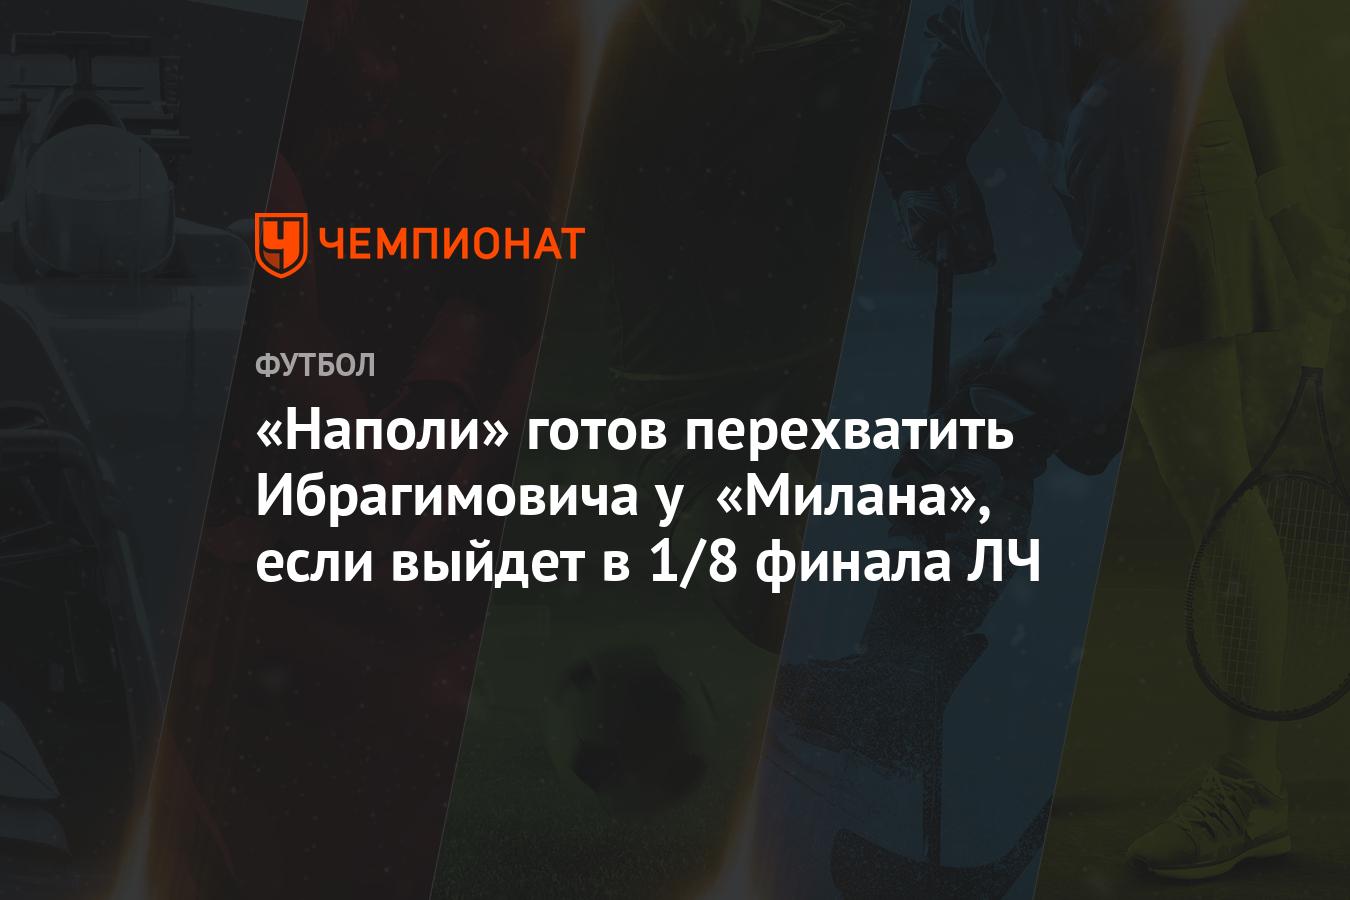 «Наполи» готов перехватить Ибрагимовича у «Милана», если выйдет в 1/8 финала ЛЧ